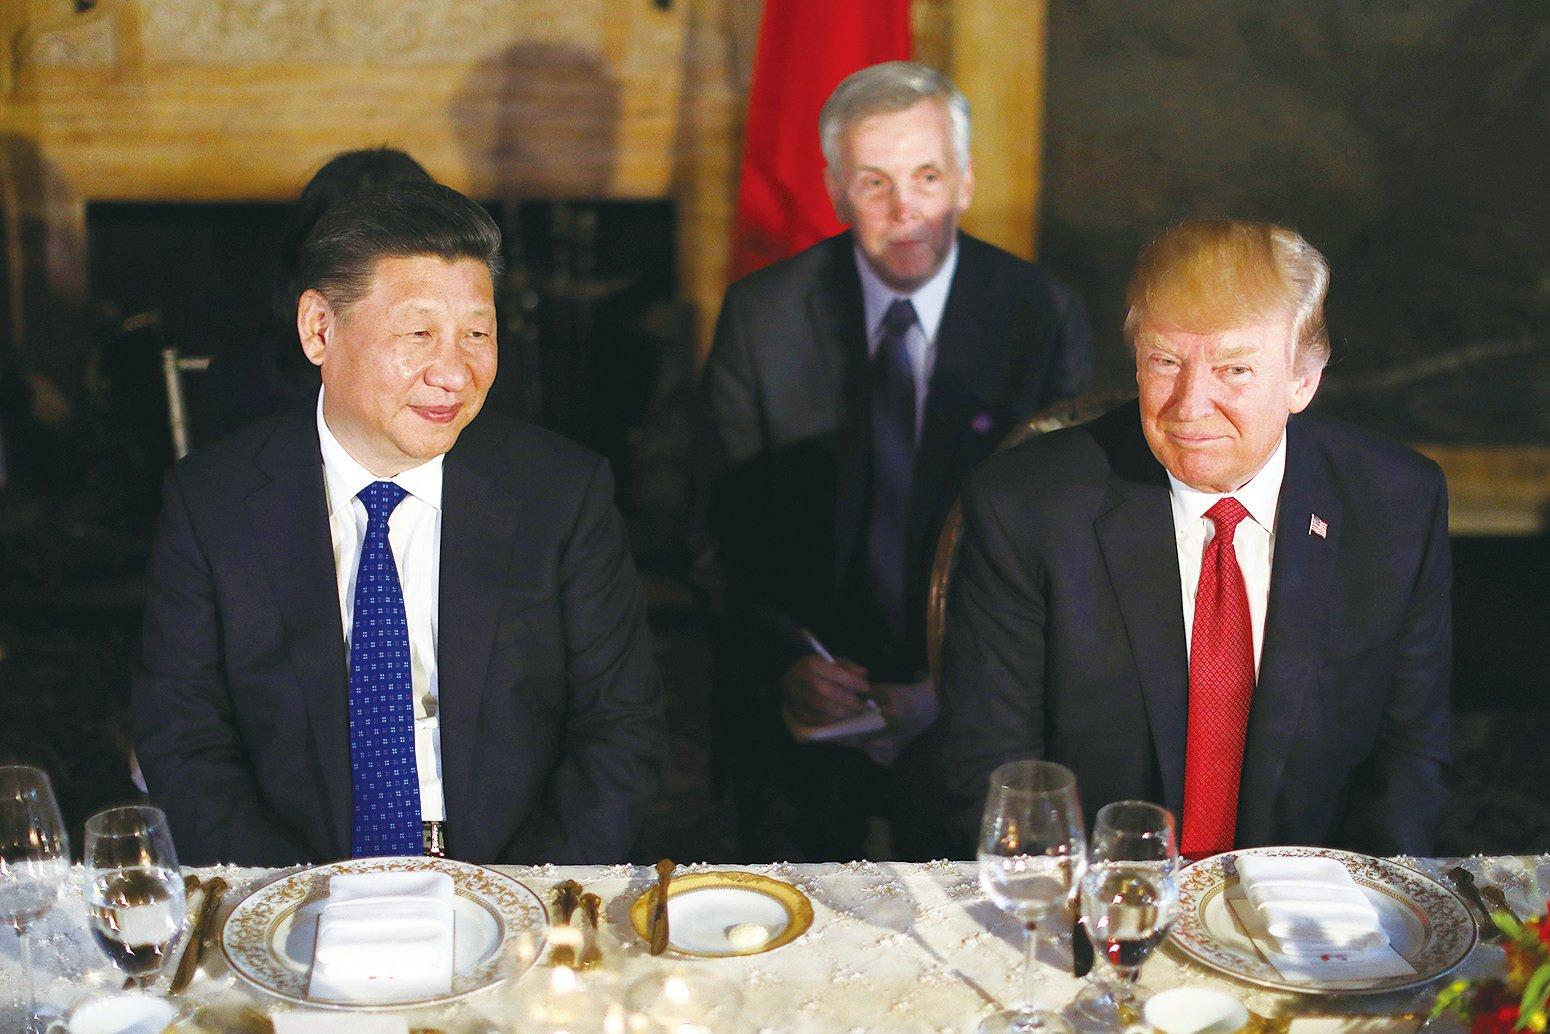 4月初的習特會後,特朗普就和南韓代總統黃教安通話,指出中國對處理北韓問題的三條底線。如果中國不打破這三條底線,到時美韓對北韓的動武,中國方面就會保持中立,不參與其中。(REUTERS)